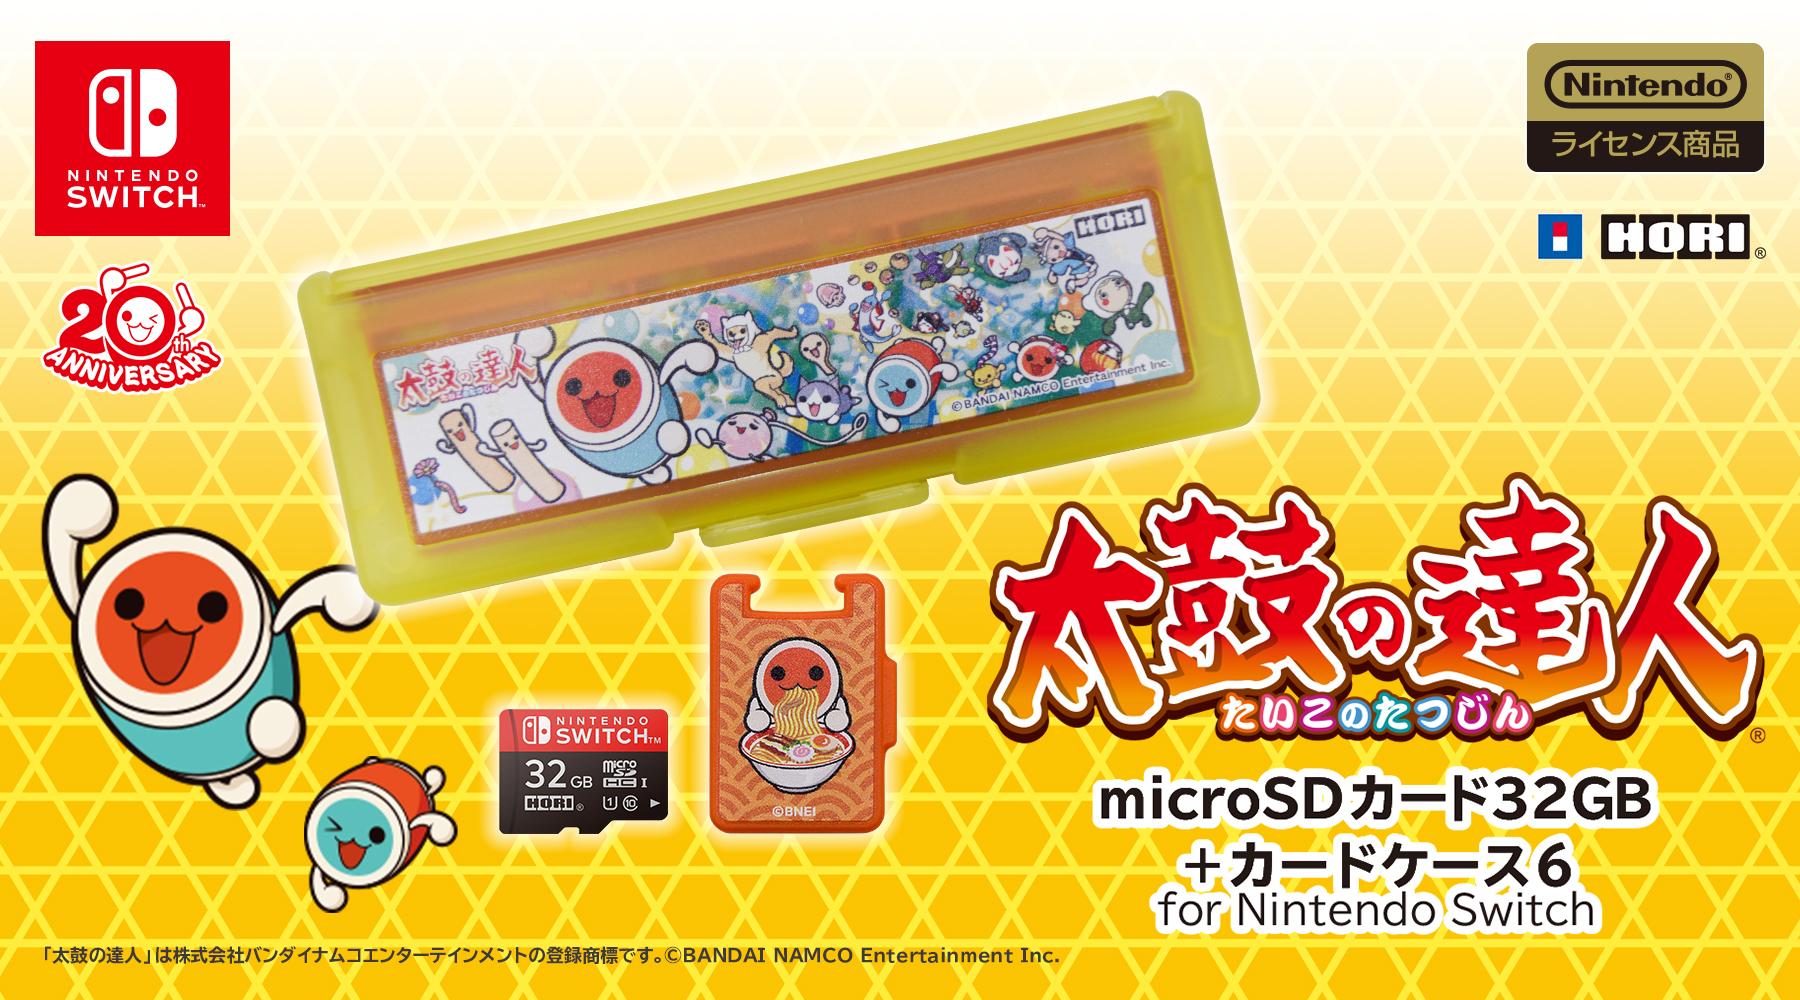 太鼓の達人microSDカード 32GB+カードケース6 for Nintendo Switch が登場!